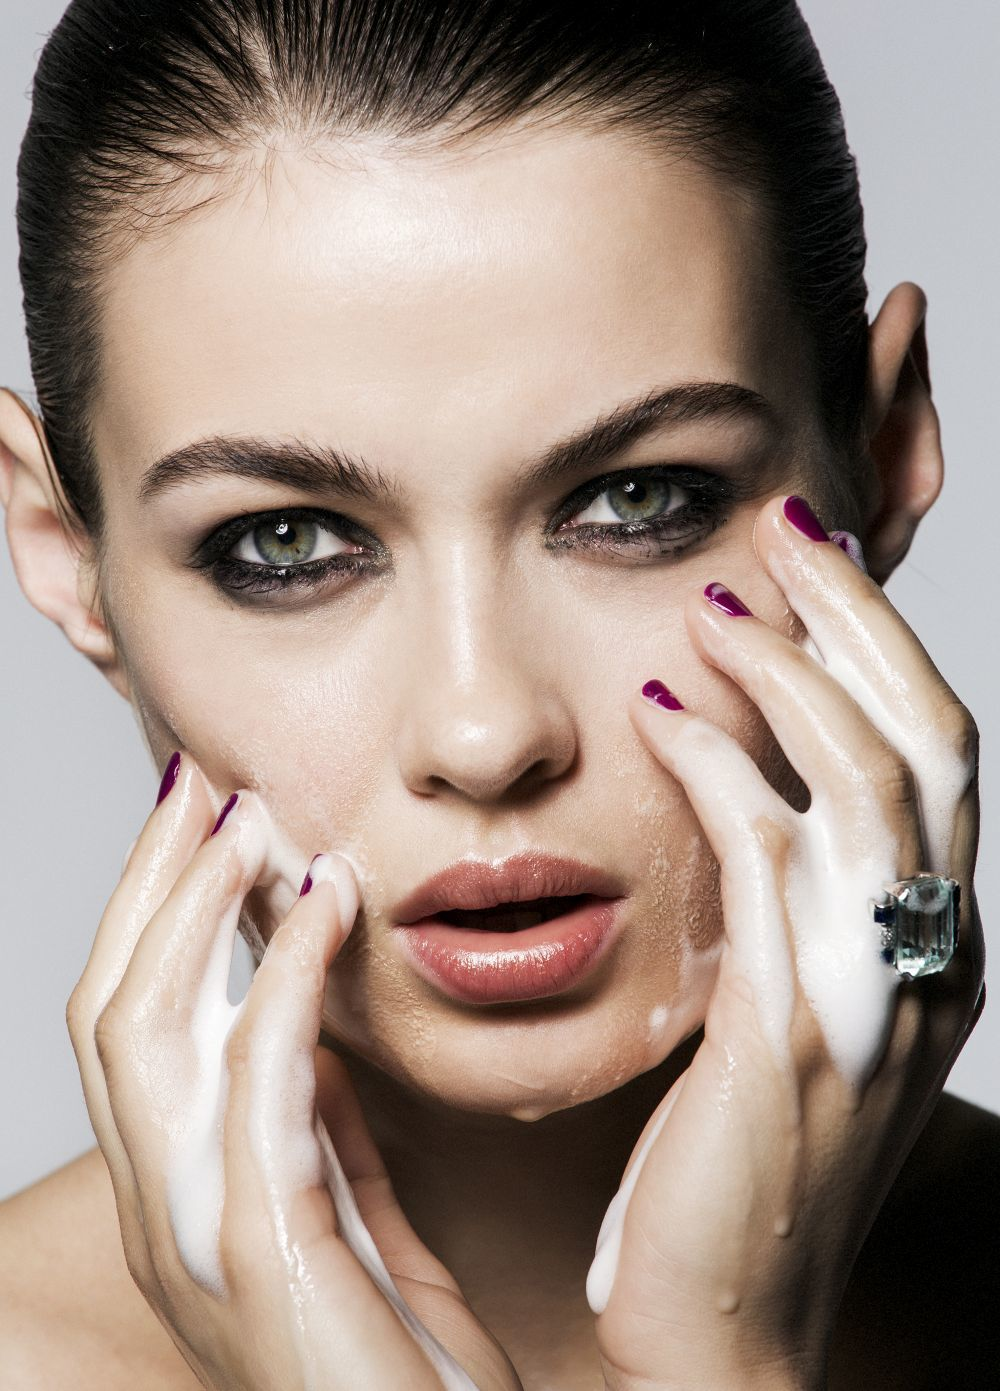 Las espumas limpiadoras limpian la piel sin agresiones y son...